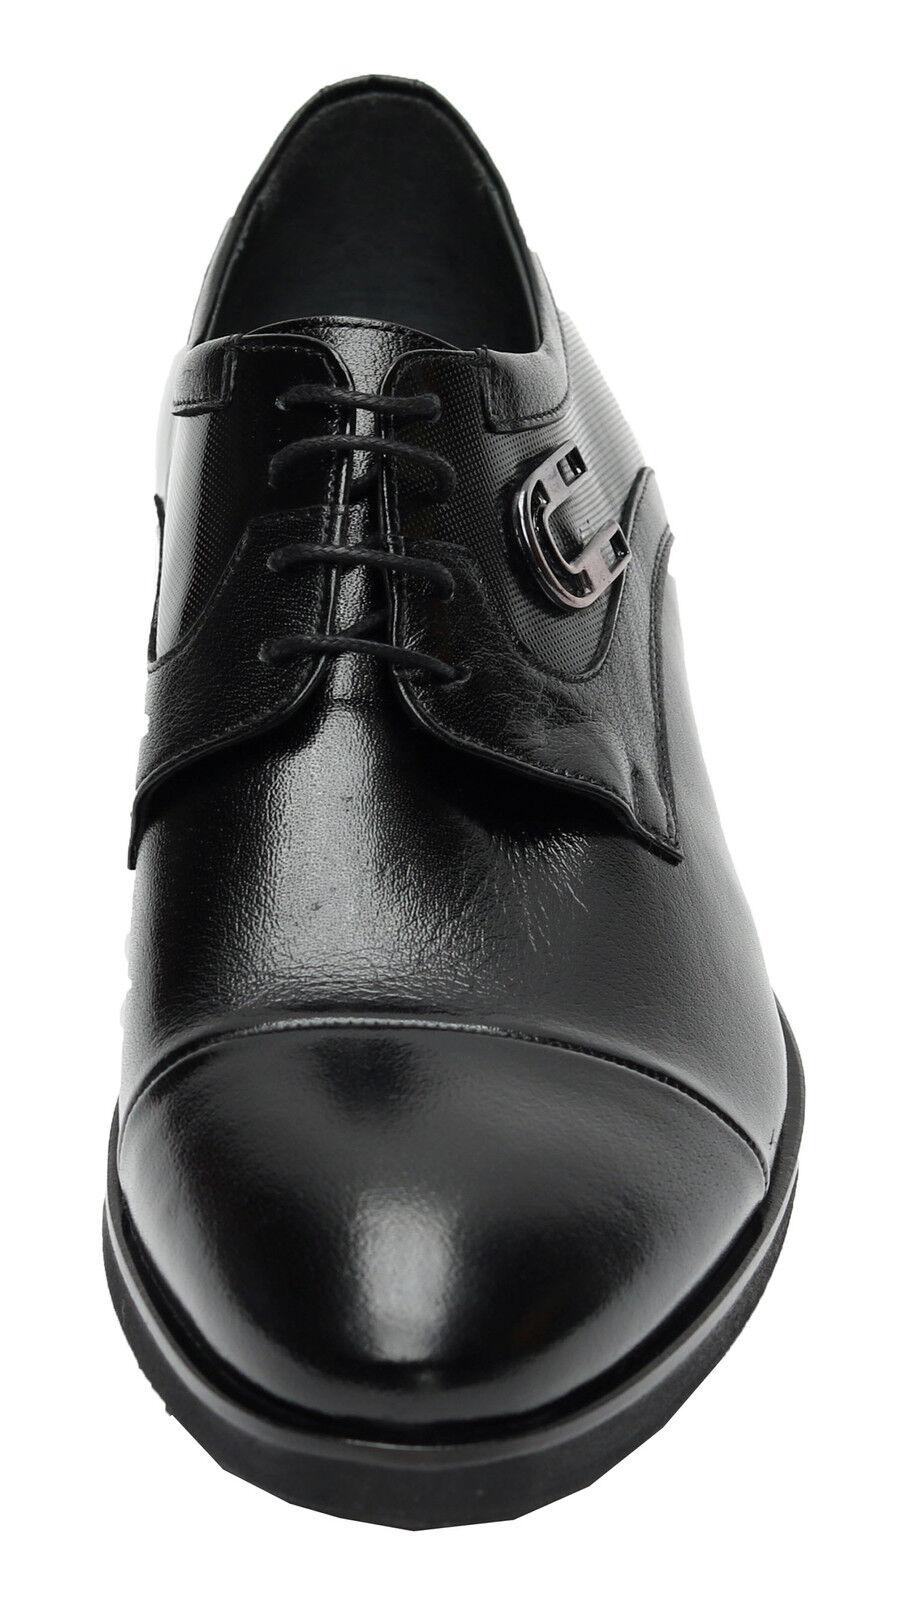 Billig gute Qualität Muga Schuhe mit Hufeisen-Applikation577Gr.44 Schwarz